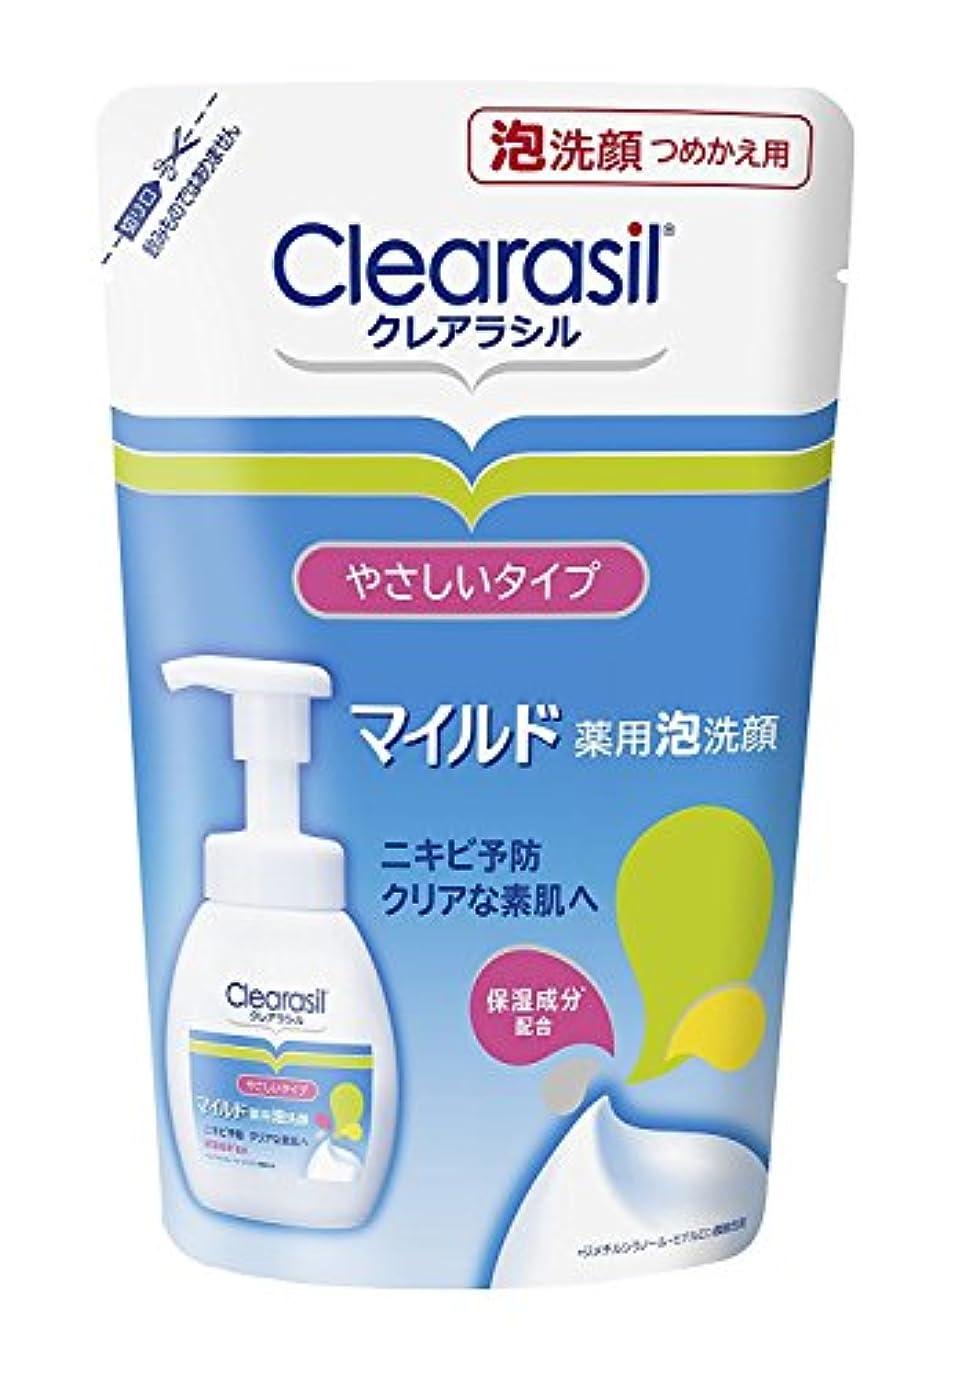 組ロッカー甘やかす【clearasil】クレアラシル 薬用泡洗顔フォーム(マイルドタイプ) つめかえ用 (180ml) ×10個セット